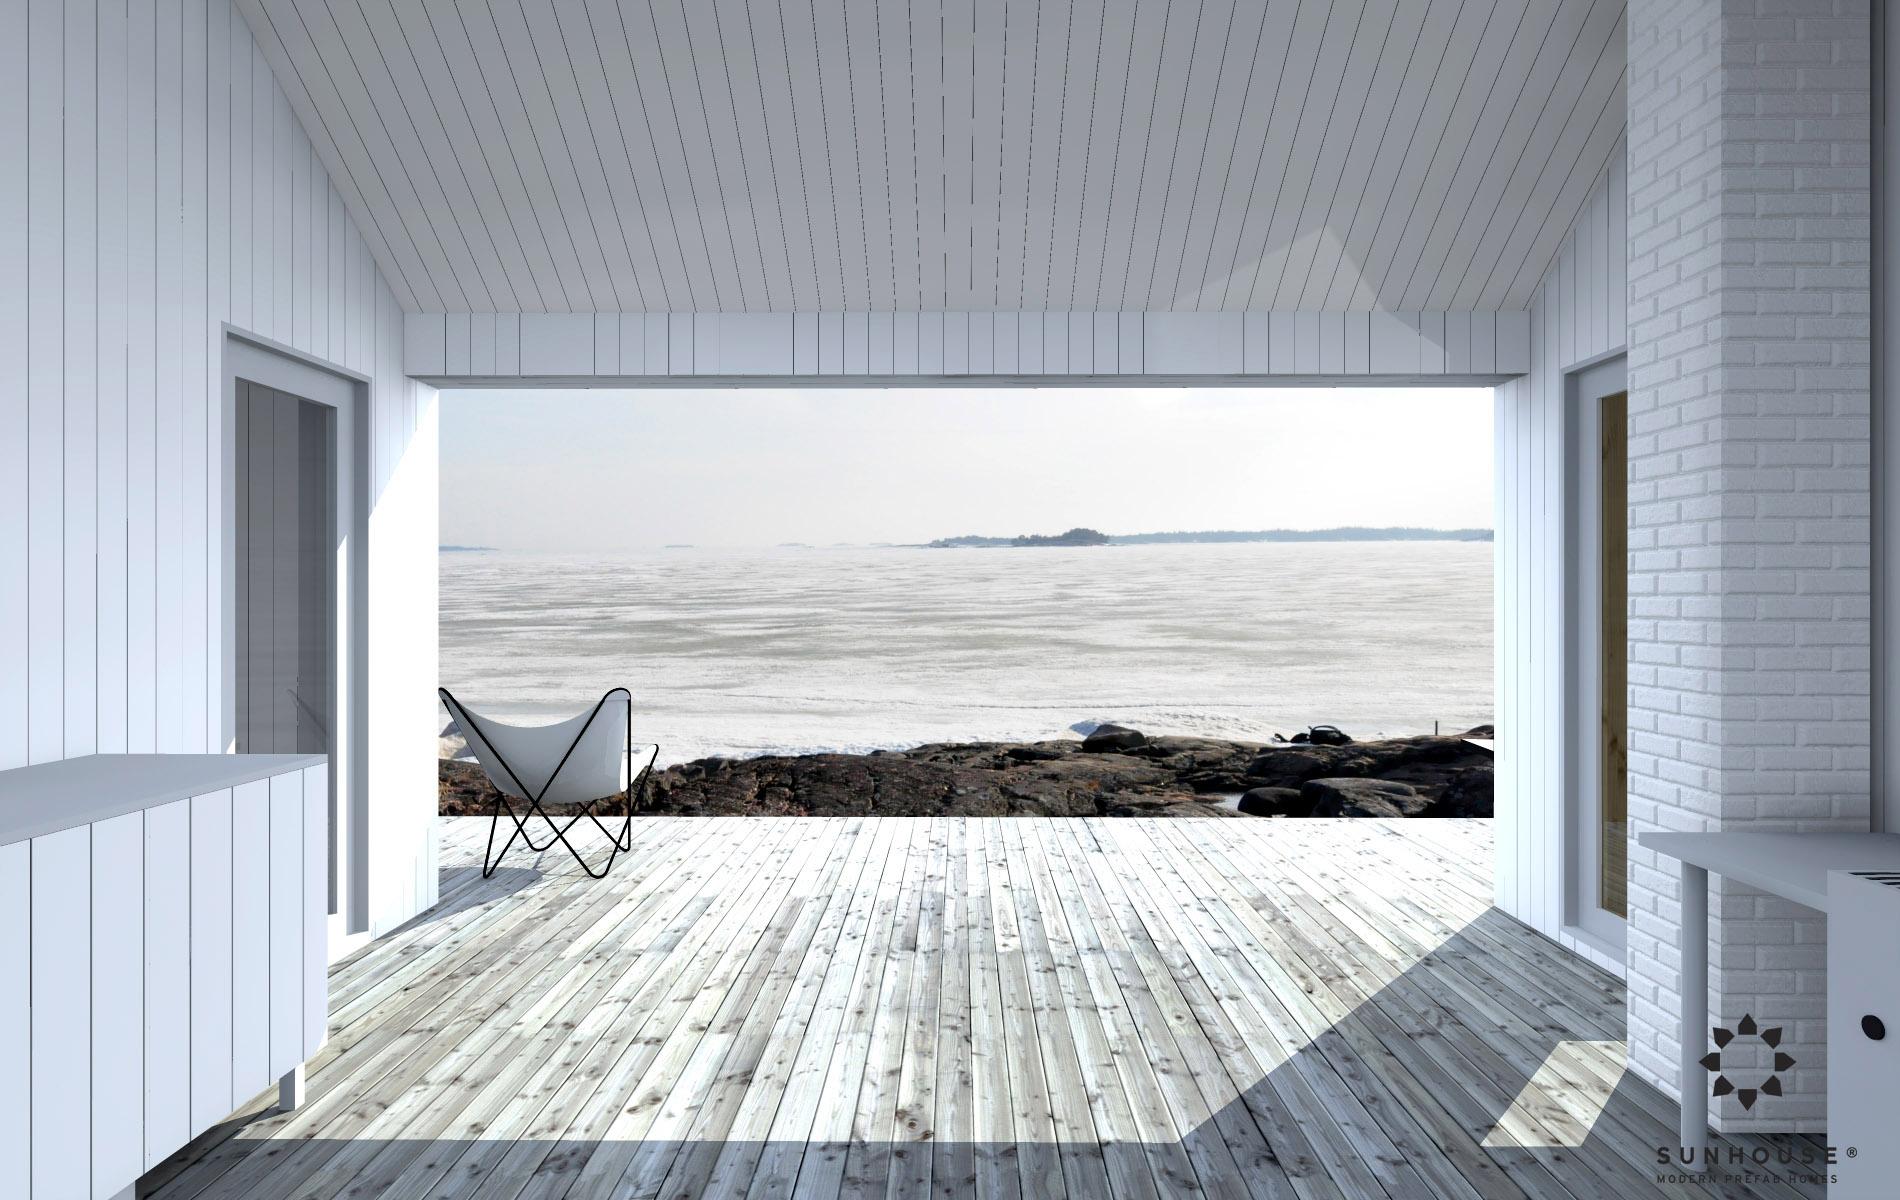 Sunhouse moderni sauna S1601 (1)